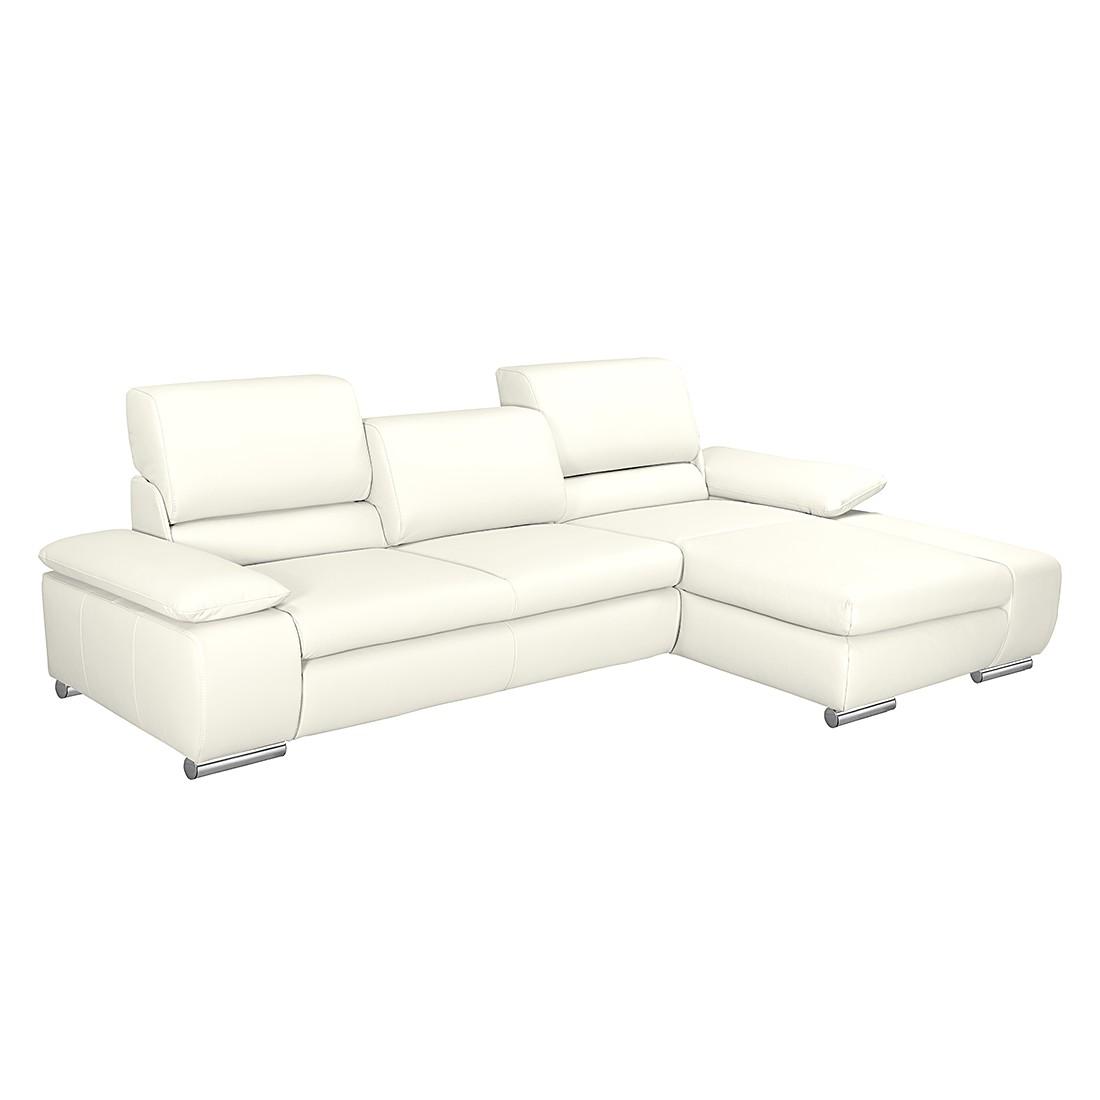 Canapé d'angle Masca II